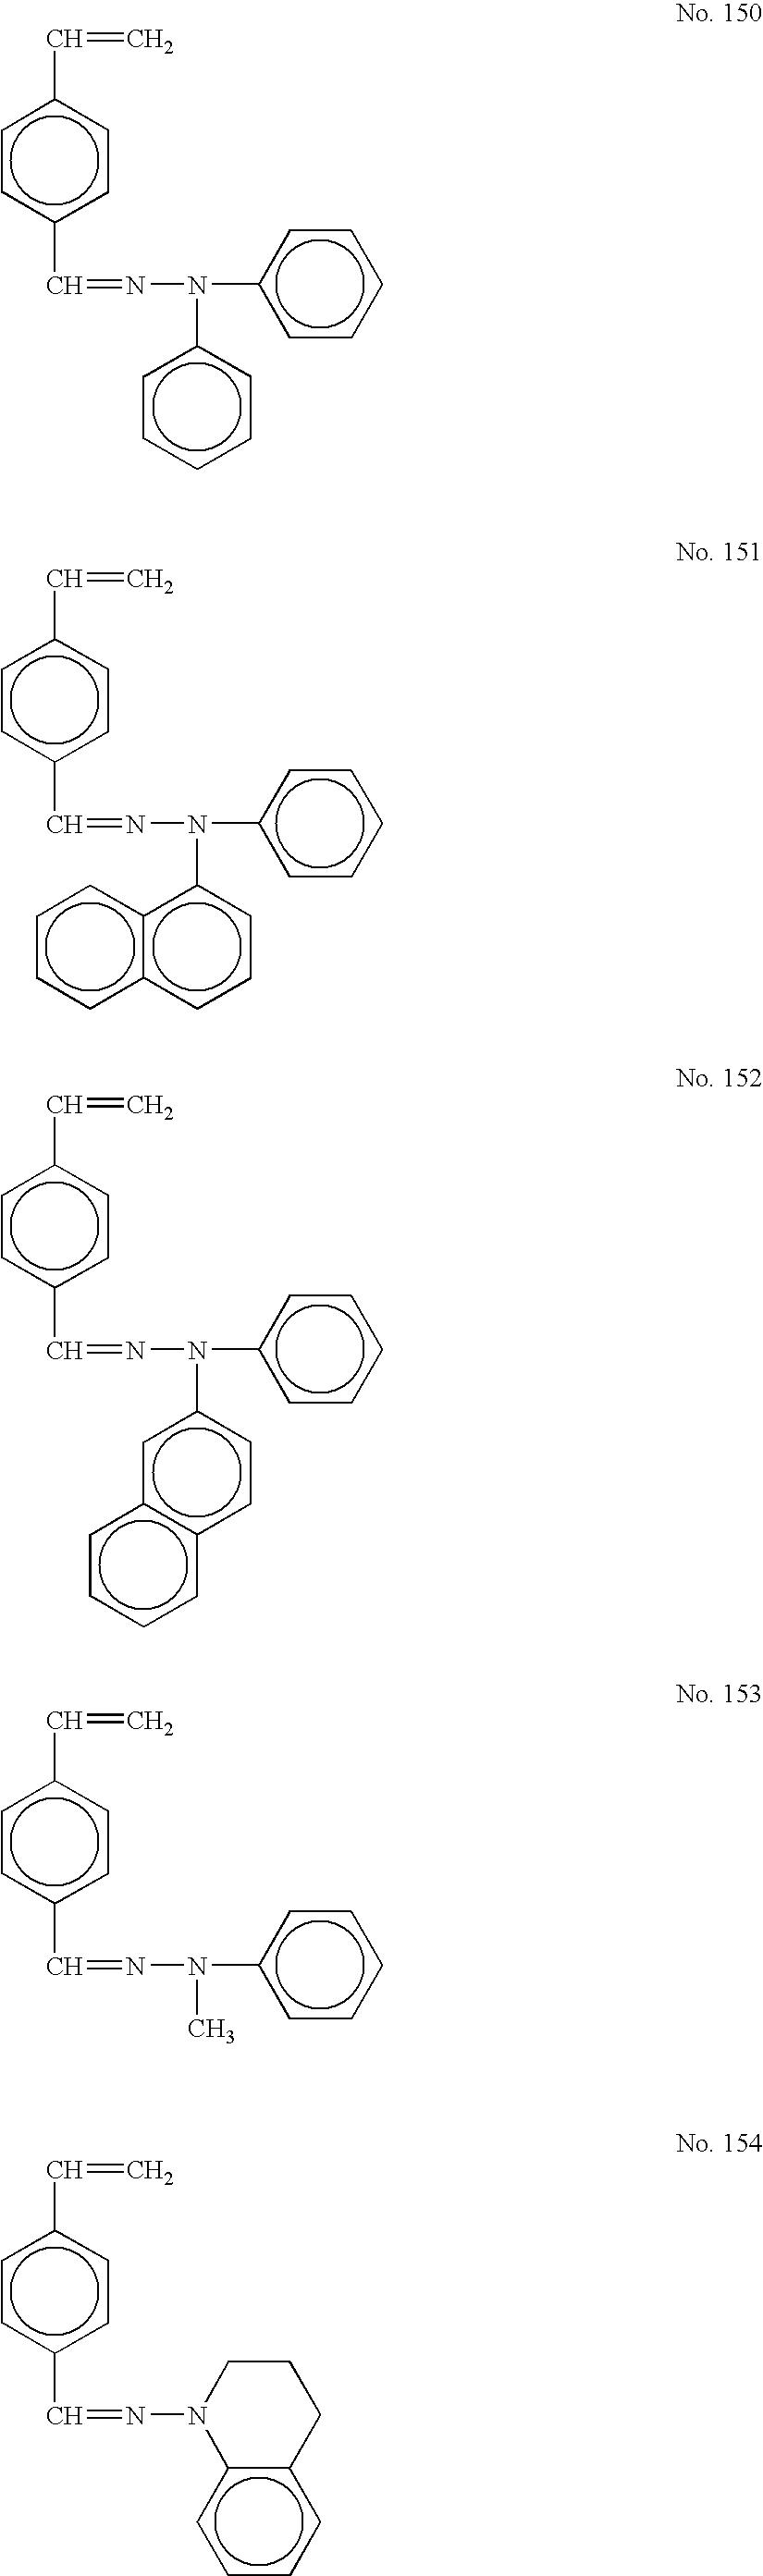 Figure US20050158641A1-20050721-C00065